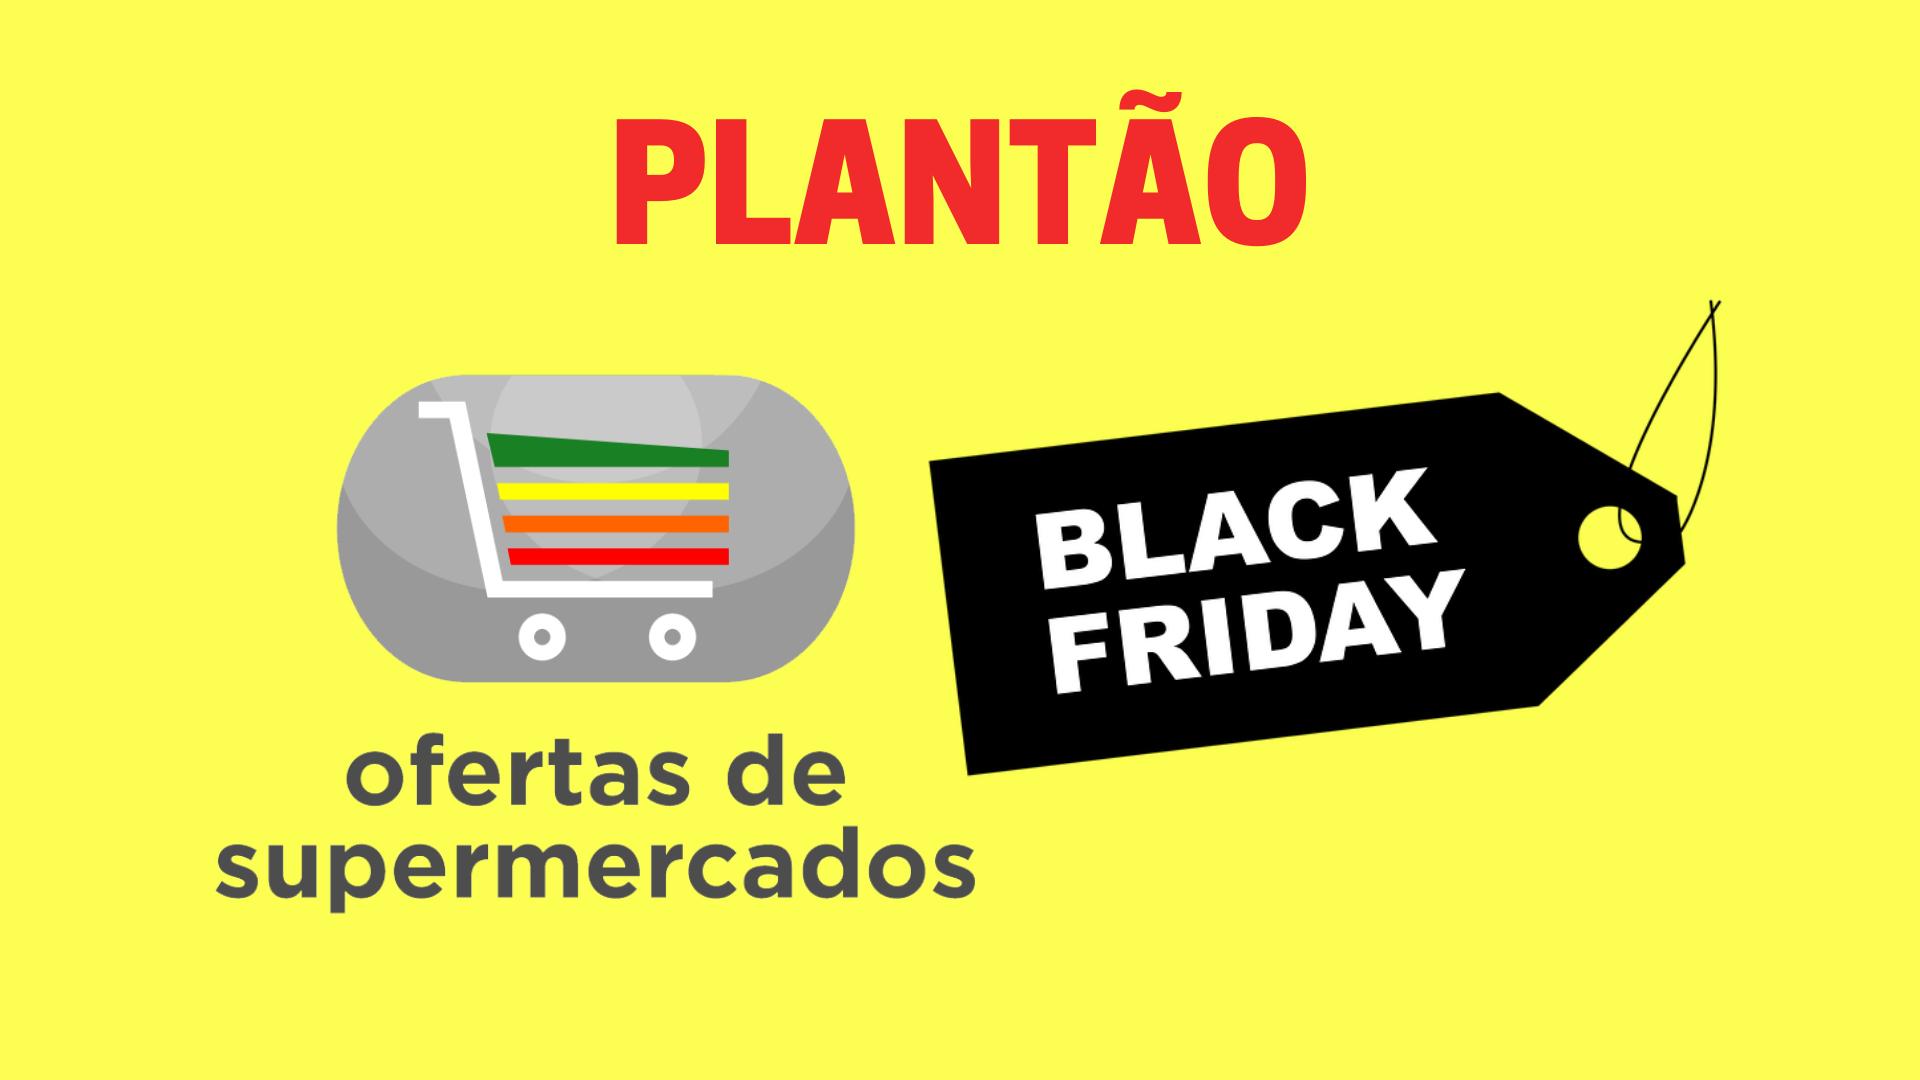 PLANTÃO Black Friday nos supermercados já começou: veja o plantão de ofertas